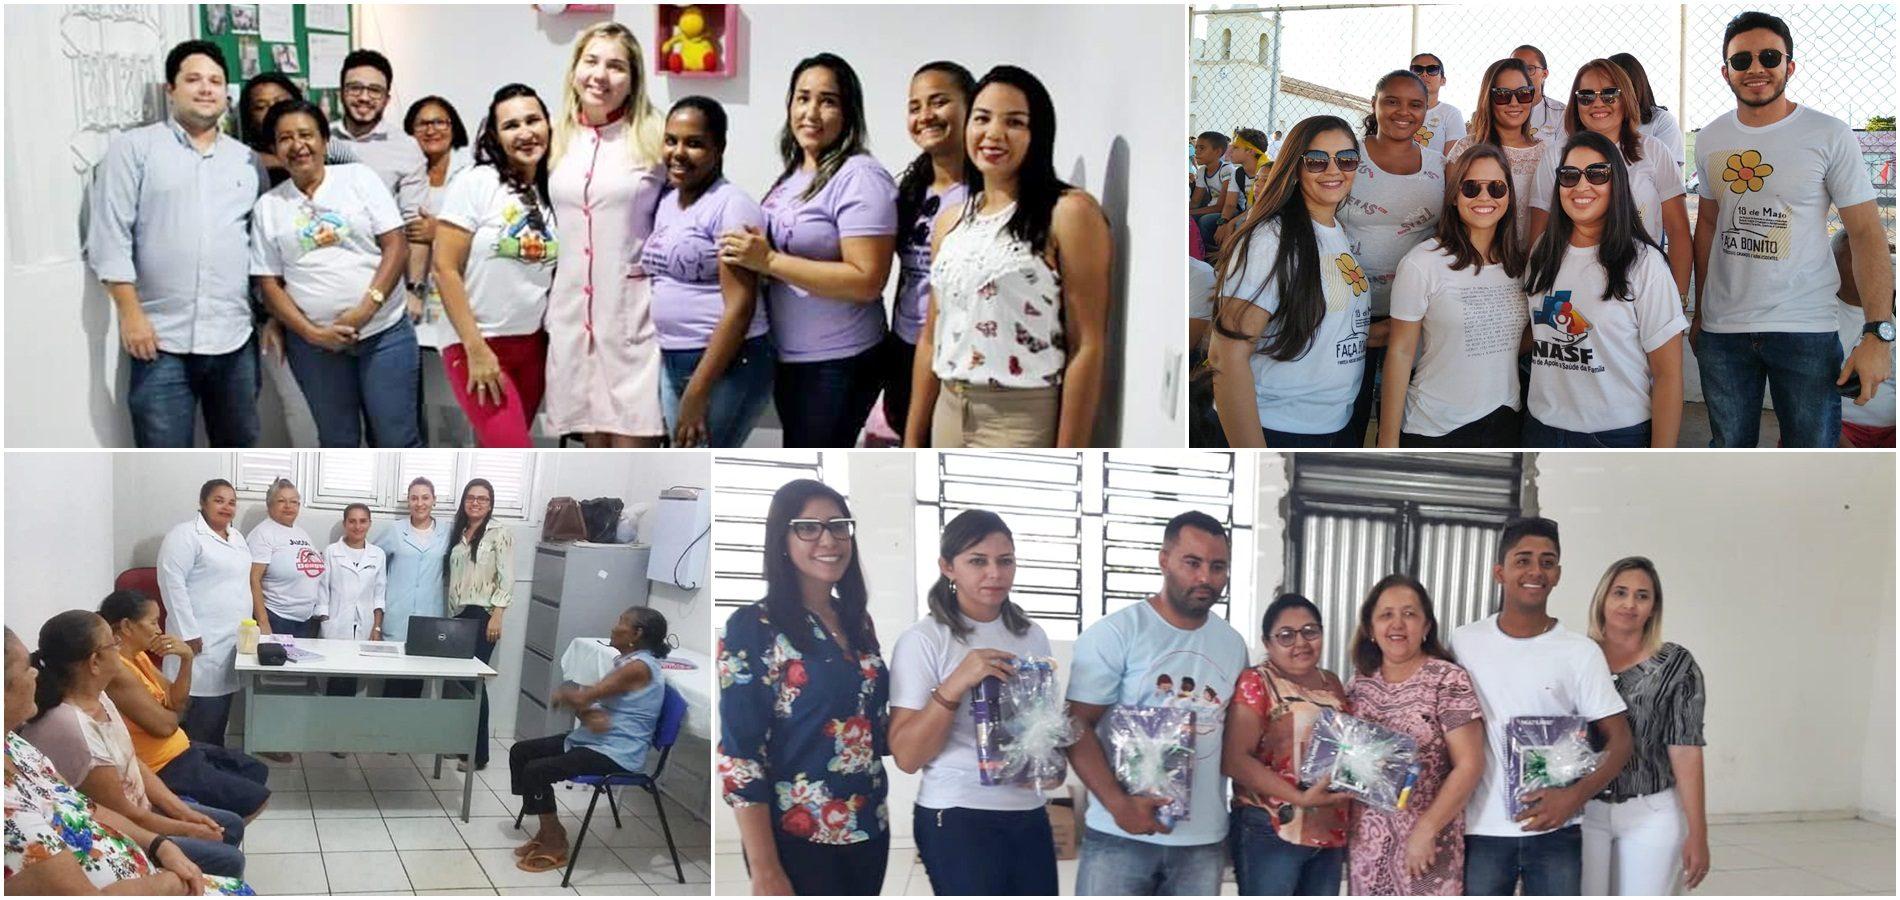 Jaicós avança na qualidade dos serviços prestados pela Atenção Básica; 3 equipes recebem nota máxima na avaliação do PMAQ